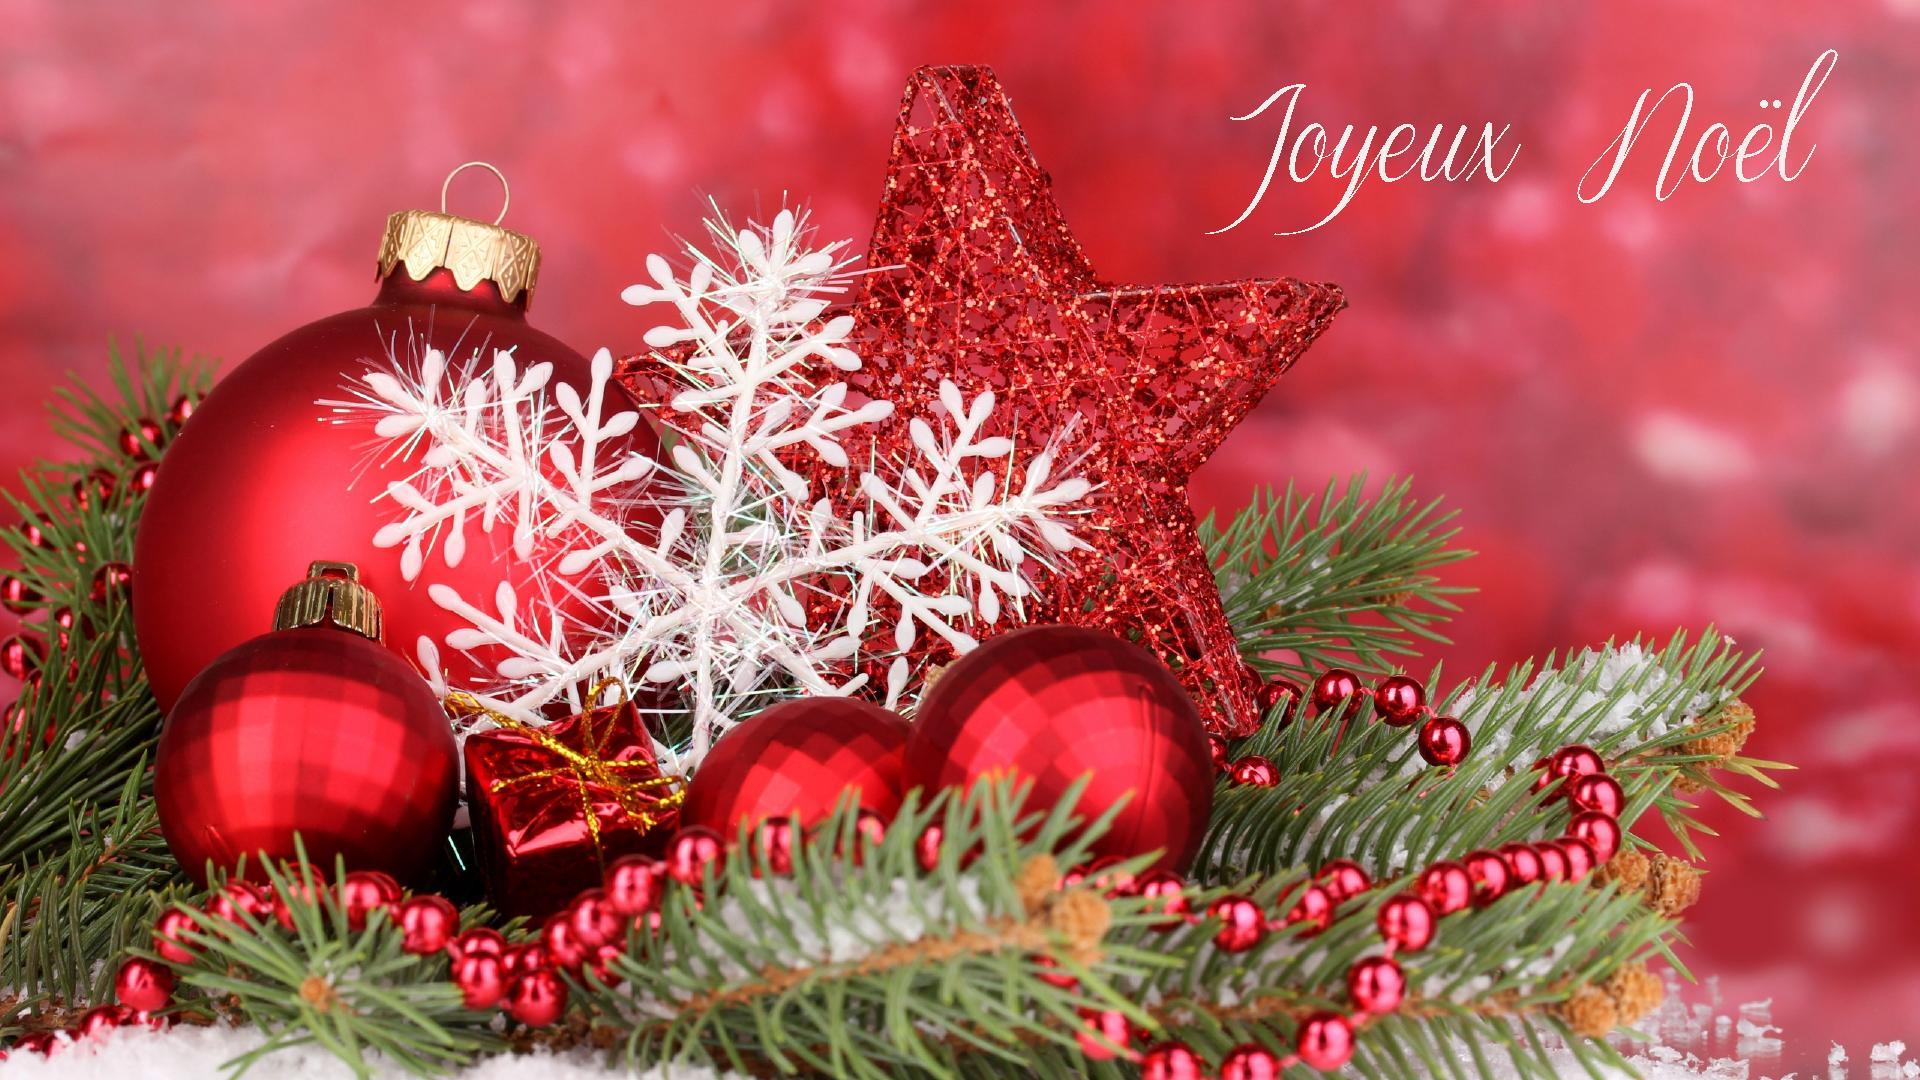 Joyeux-Noel-2015.jpg